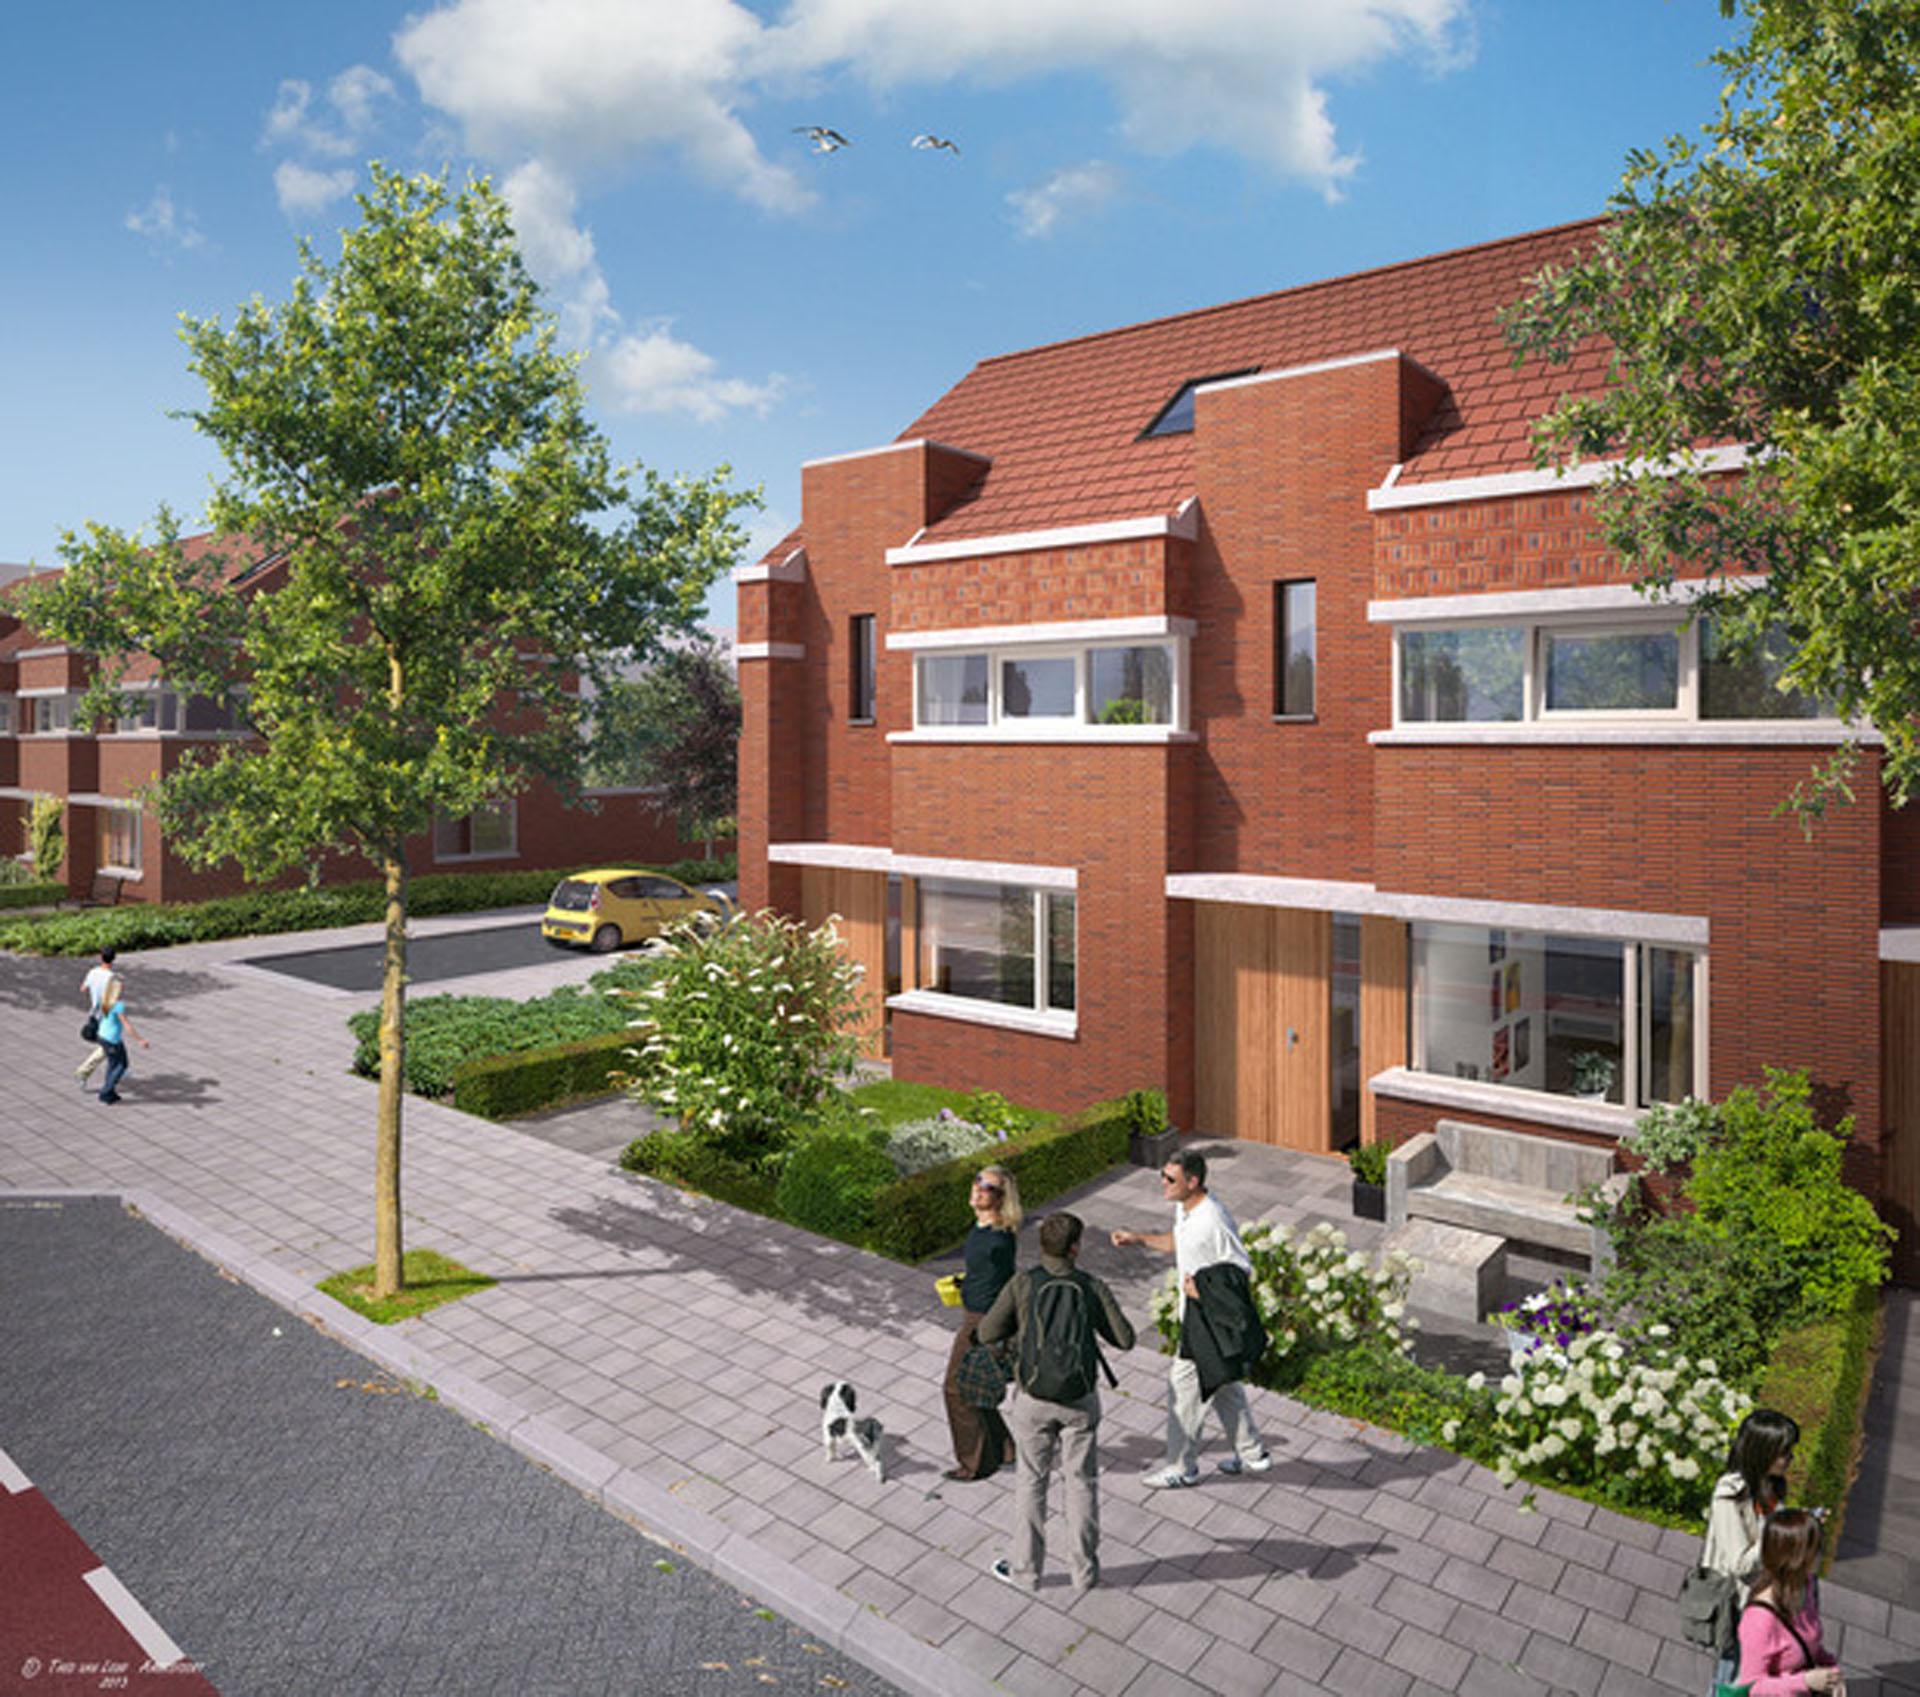 Project Graaf Aelbrechtlaan in Amsterdam